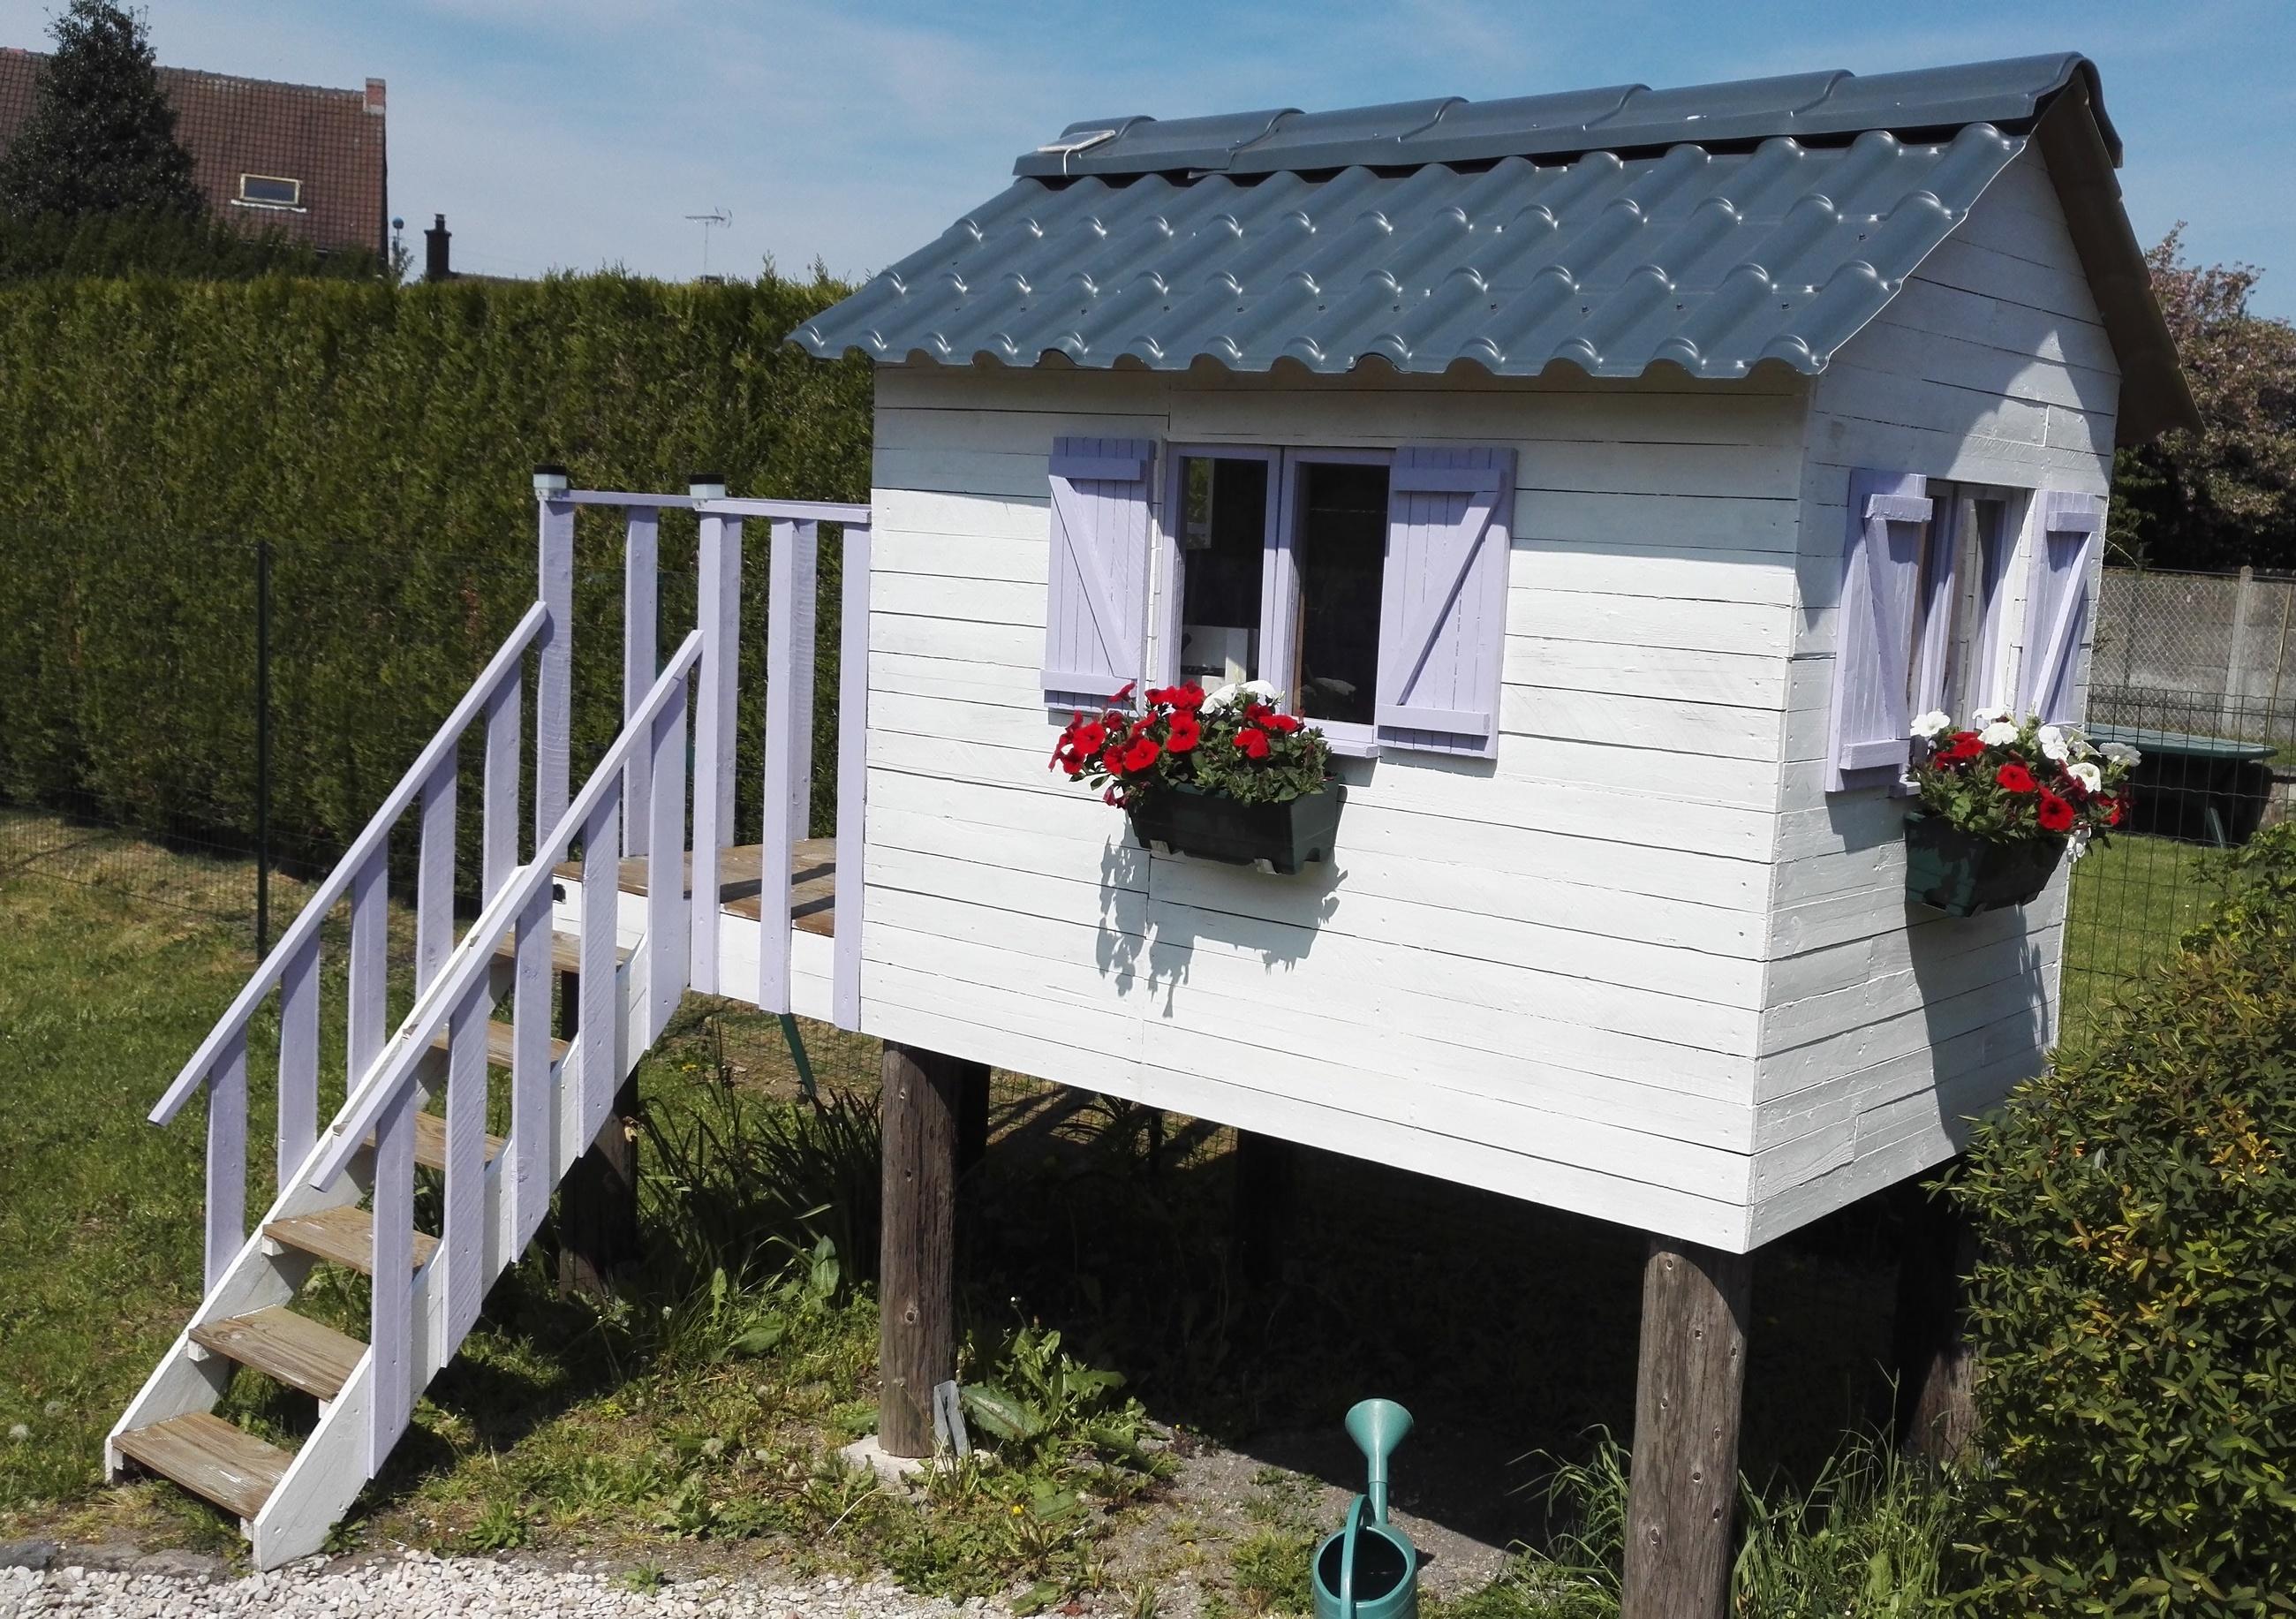 Fabriquer une cabane pour enfants avec des palettes